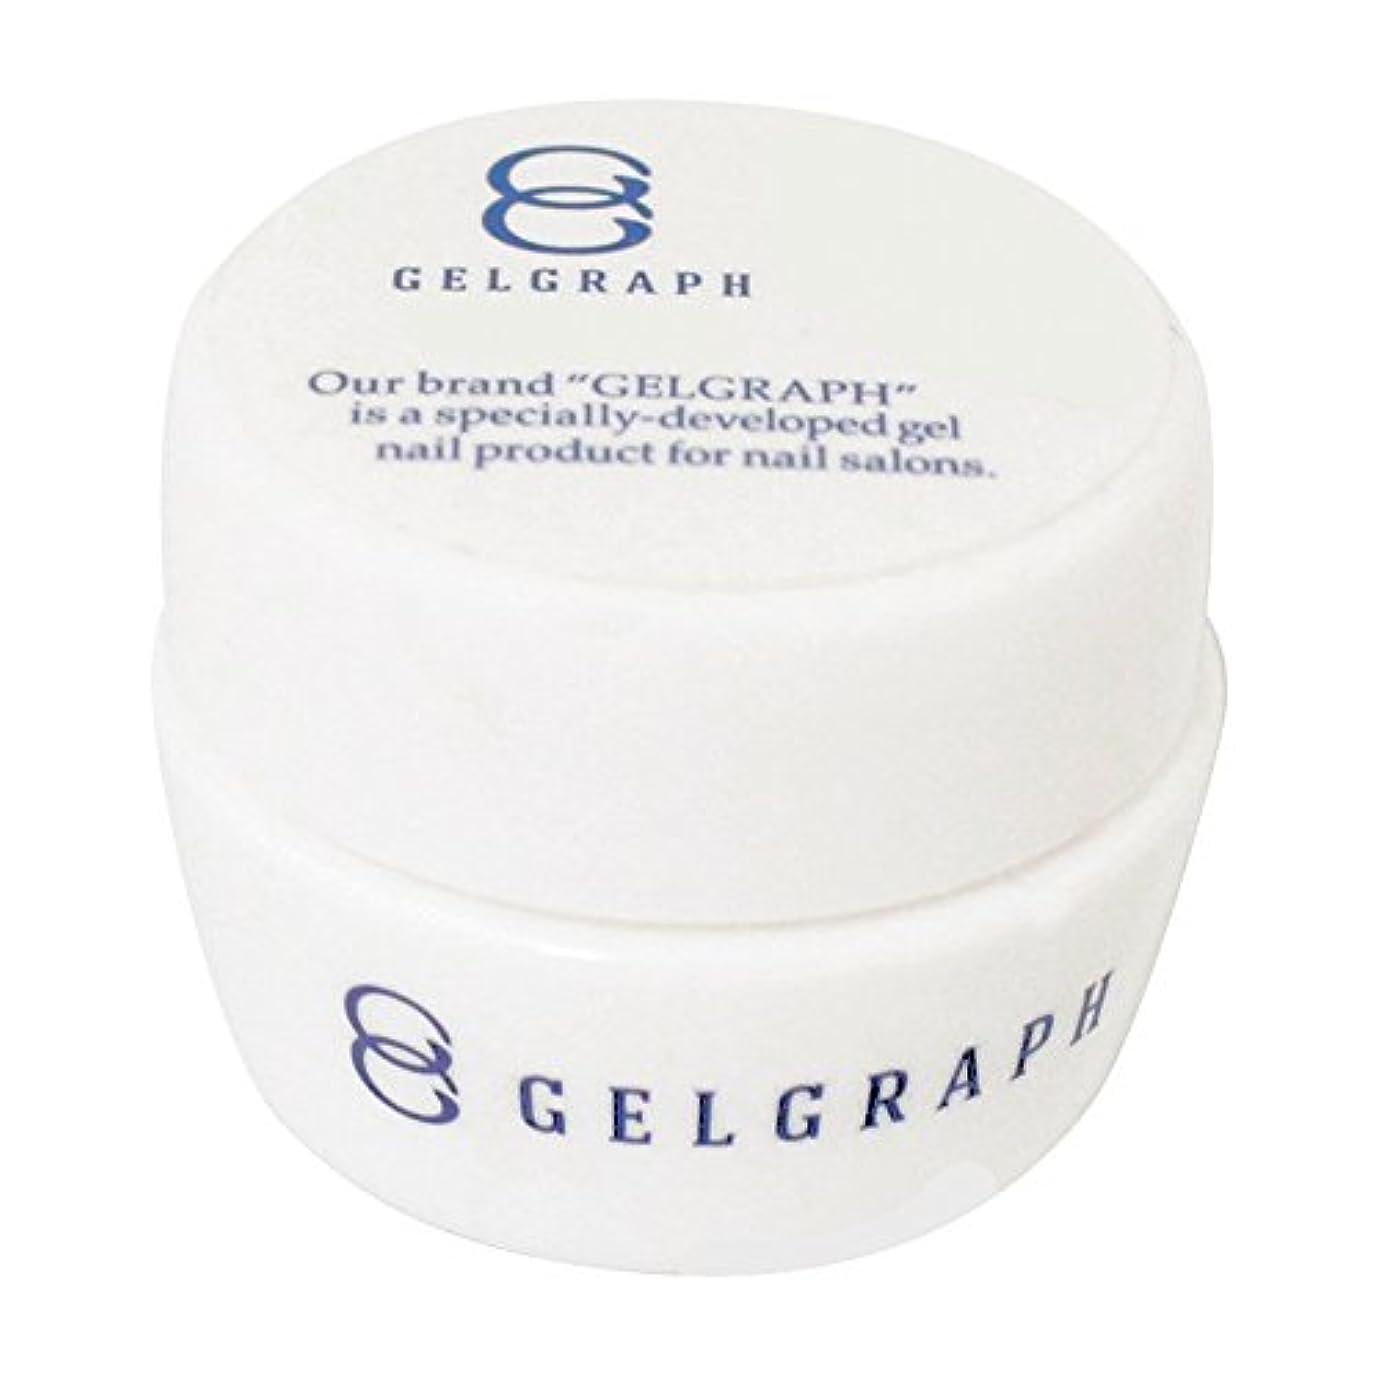 GELGRAPH カラージェル 051M グリーンティ?コラーダ 5g UV/LED対応 ソークオフジェル